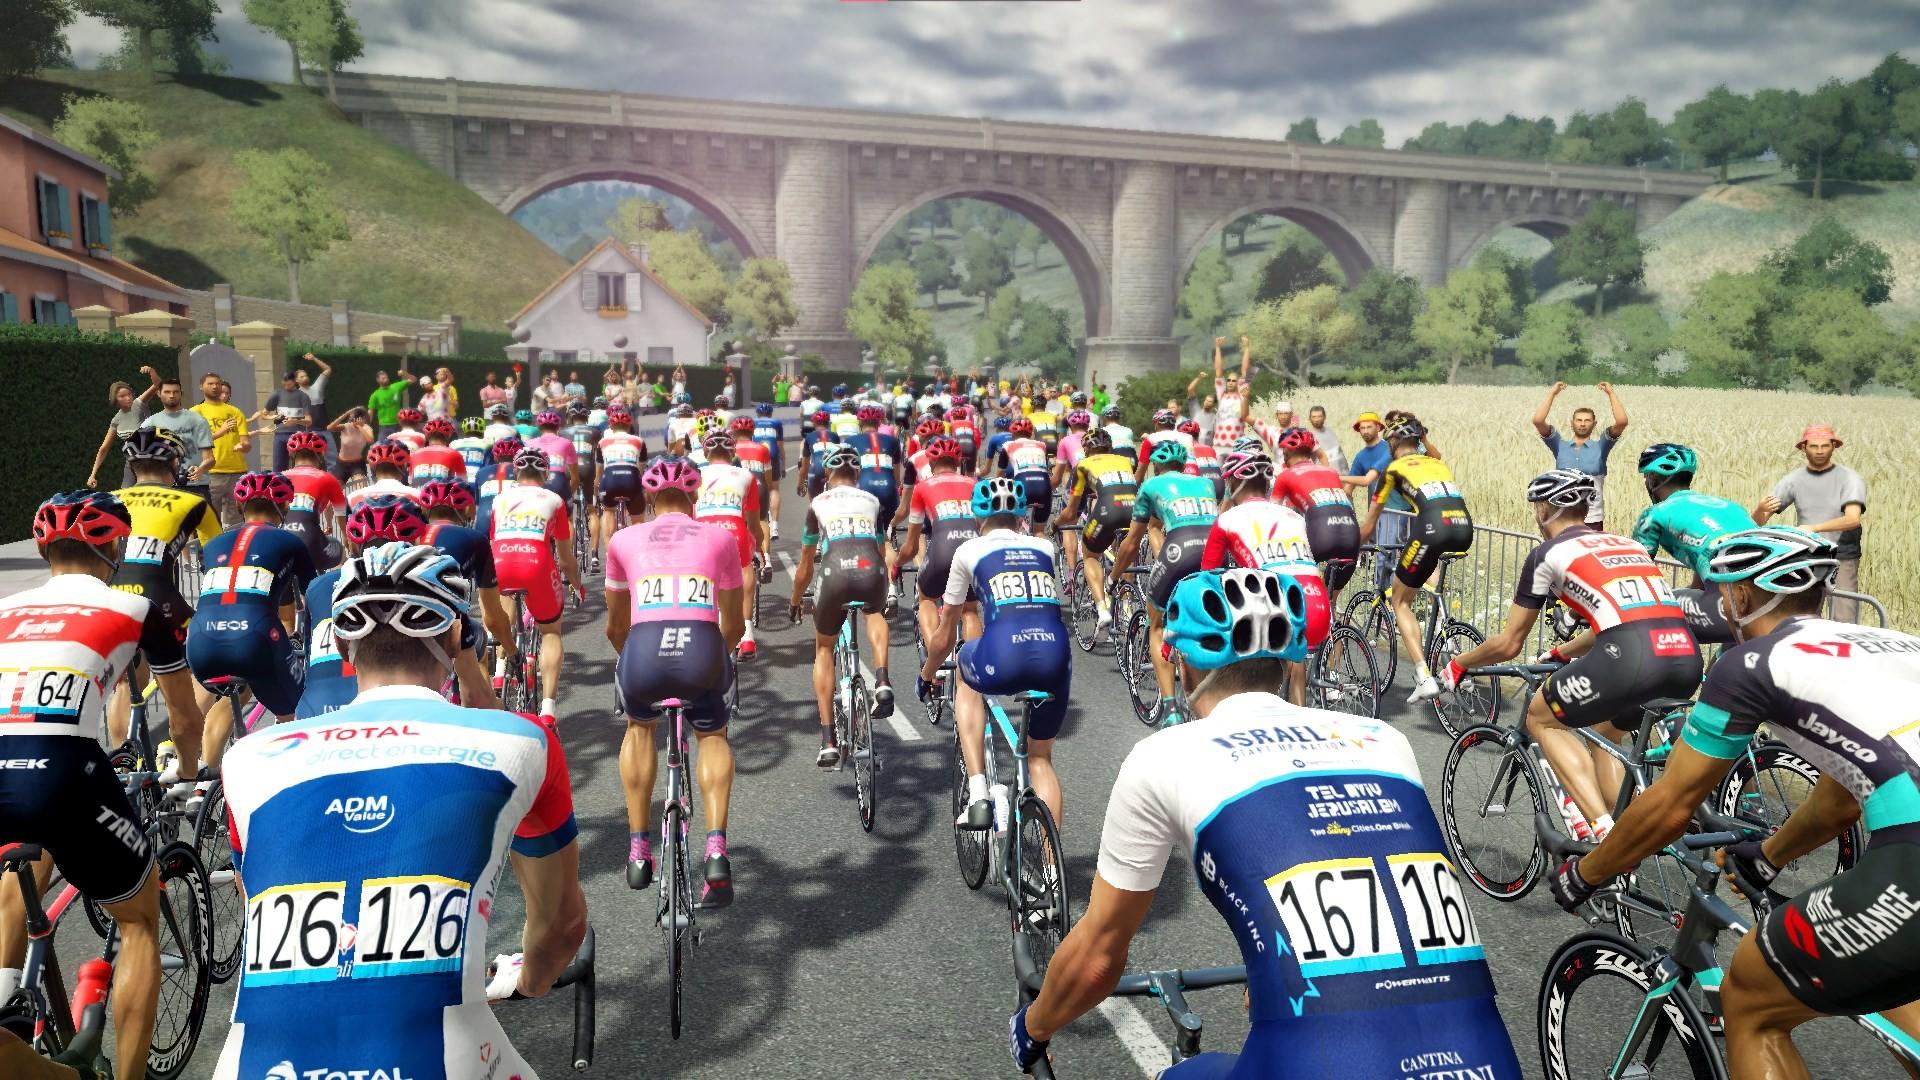 Tour de France 2021 – June 3